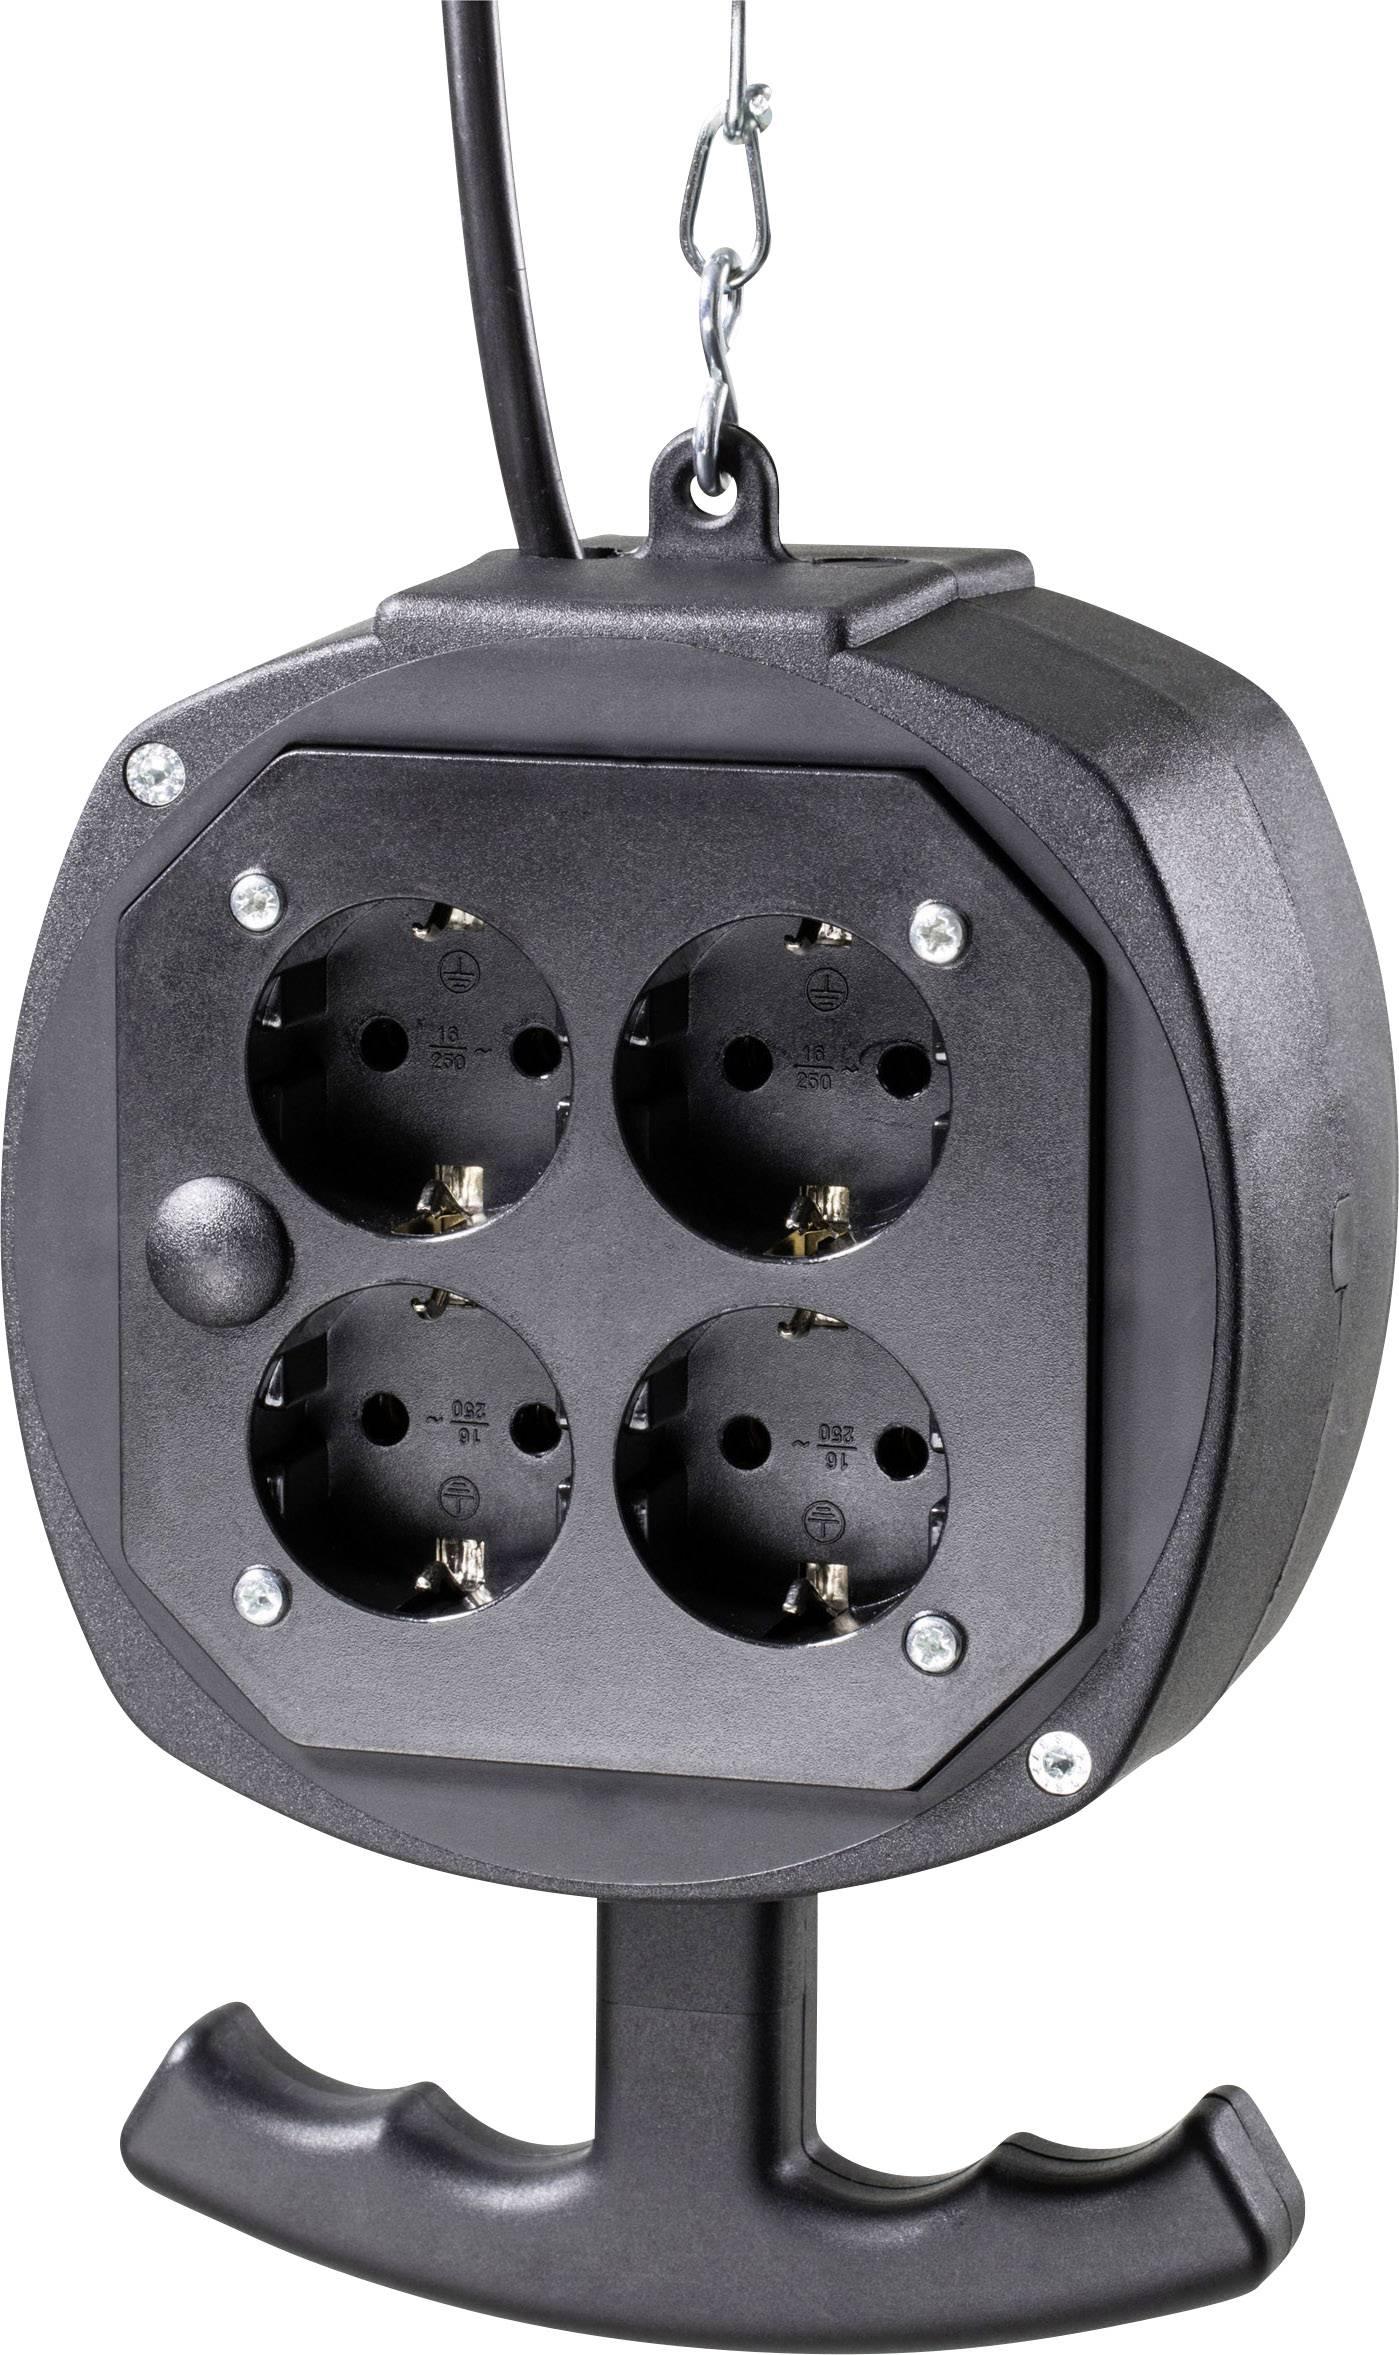 Závesný prúdový rozbočovač AS Schwabe ES1, 4 zásuvky, IP20, červený, 3 m, 60971